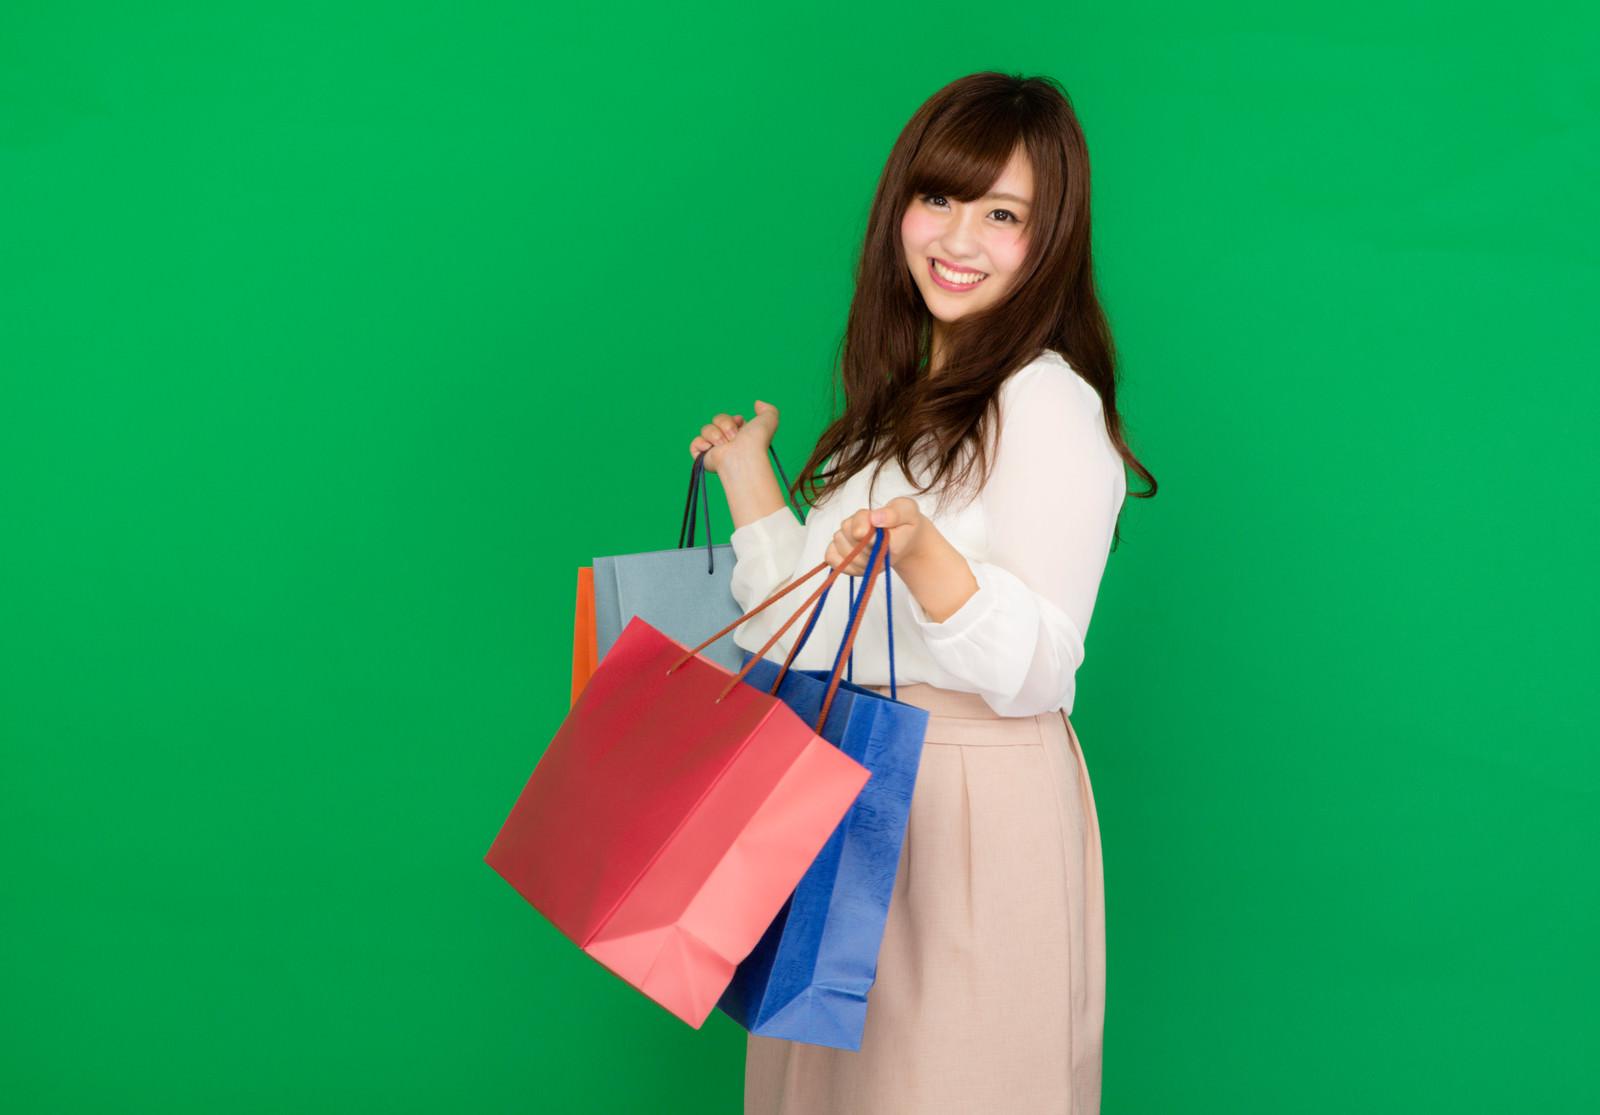 「セールで爆買い女子セールで爆買い女子」[モデル:河村友歌]のフリー写真素材